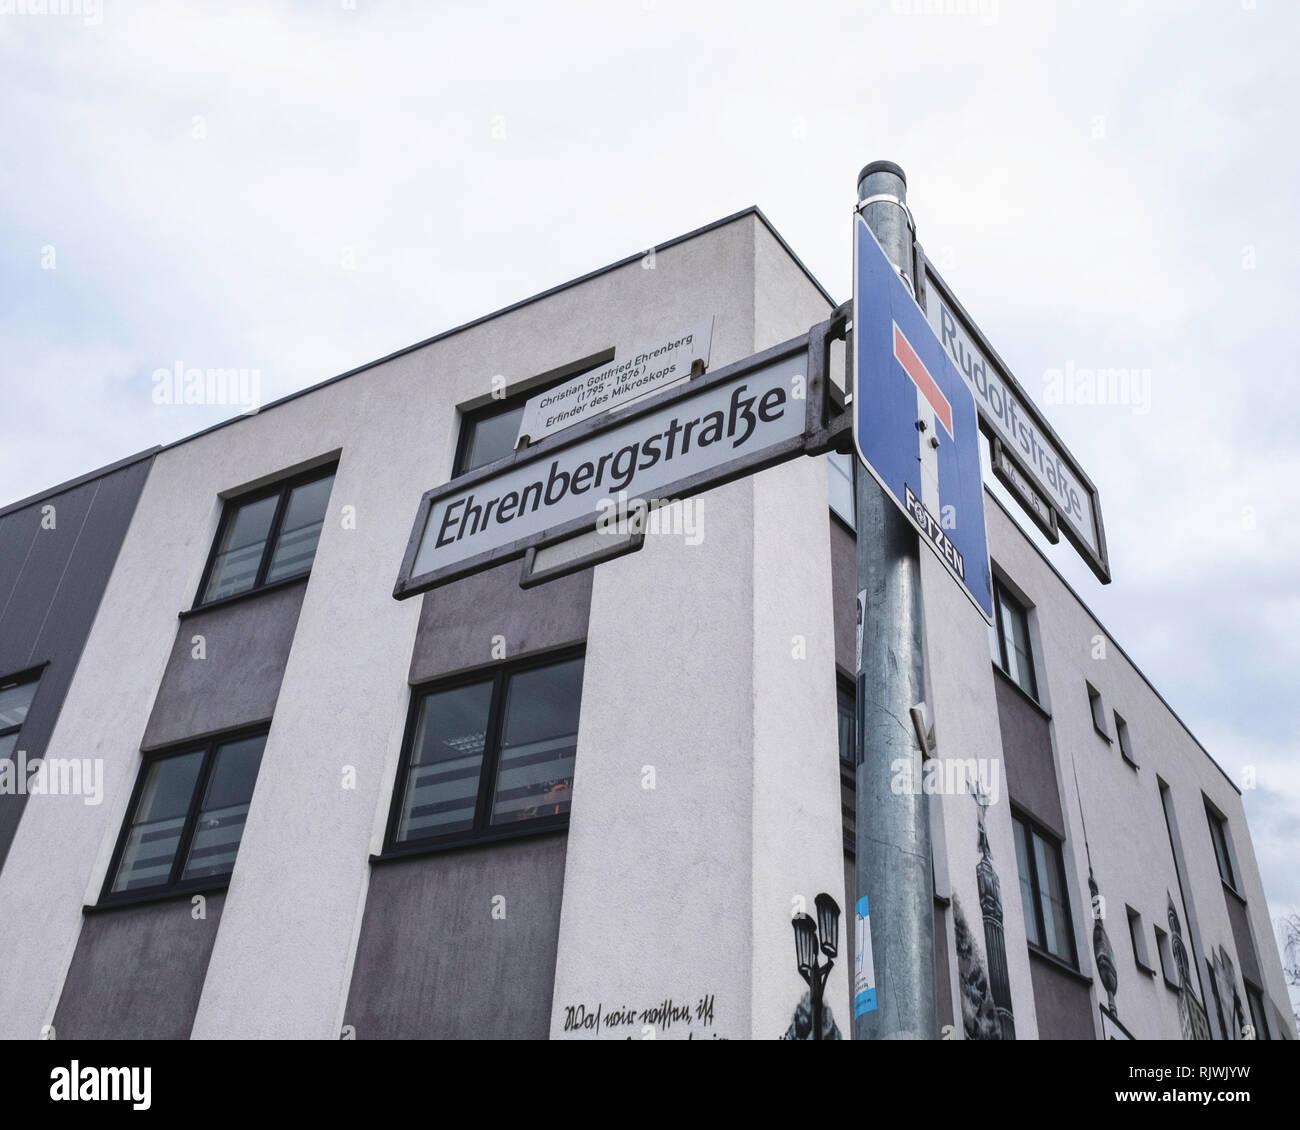 Berlin, Friedrichshain. Ehrenbergstrasse street sign in road named after Christian Gottfried Ehrenberg Scientist & naturalist - Stock Image